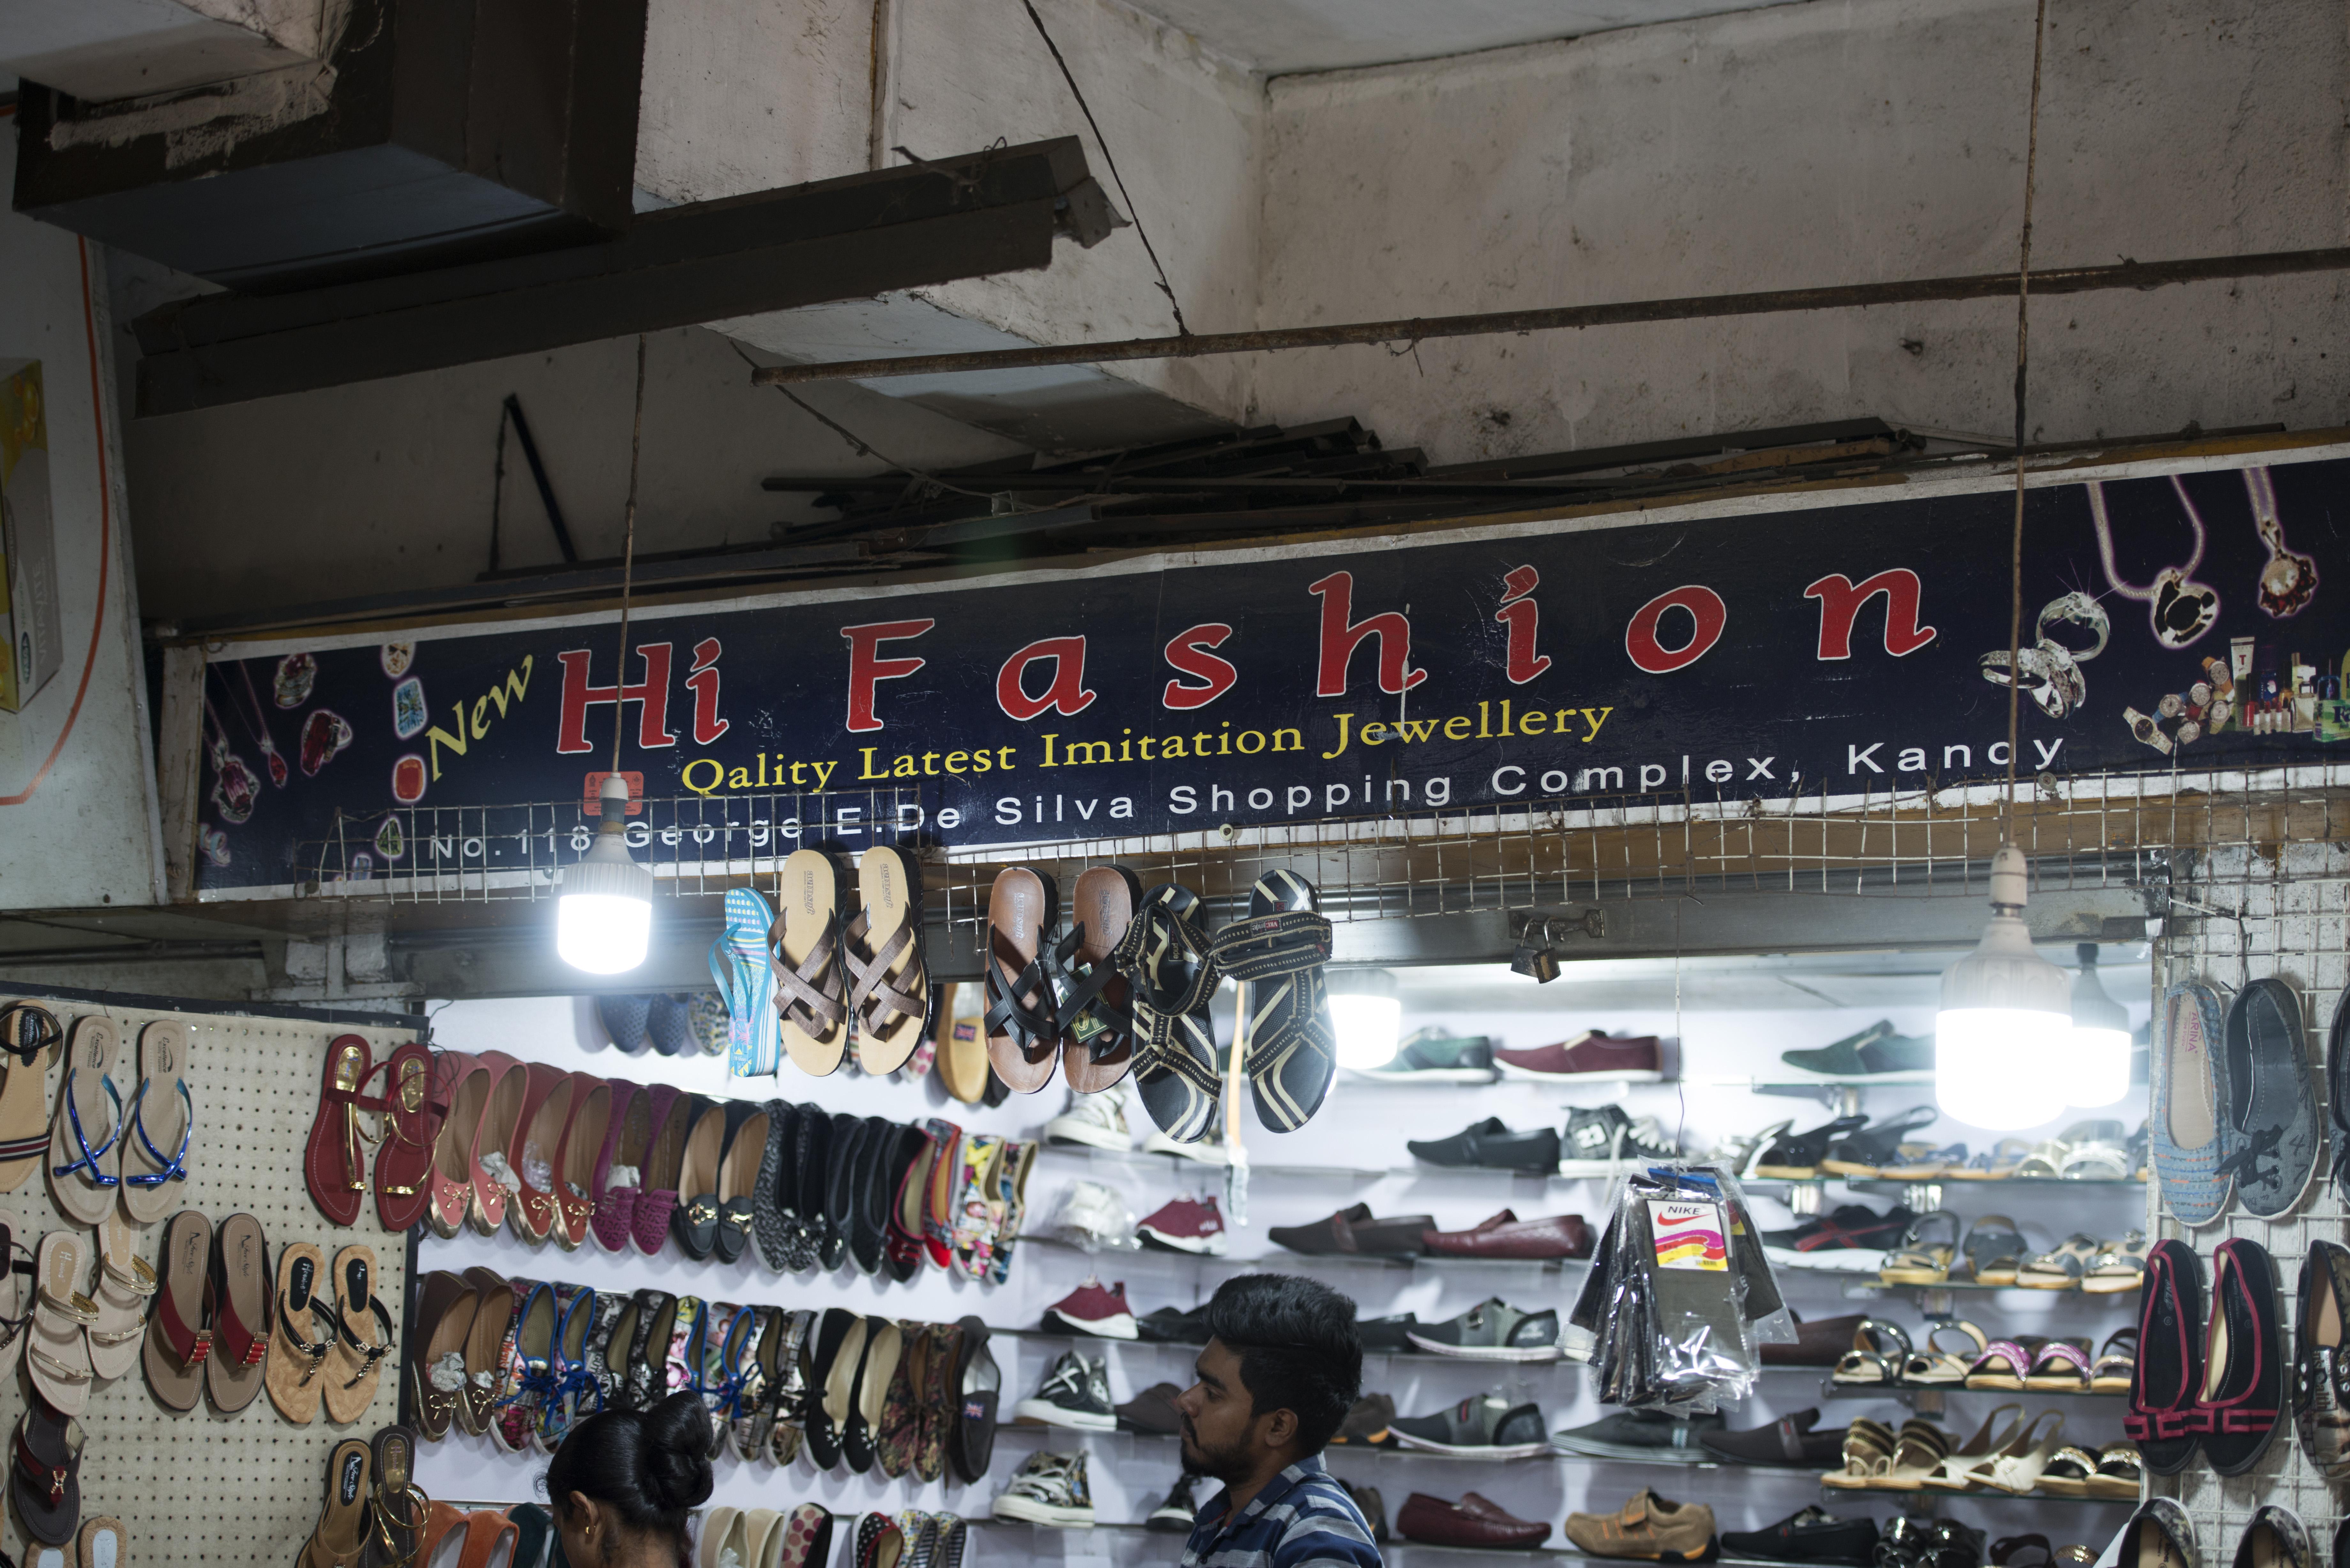 Kandy_Hi_Fashion_s